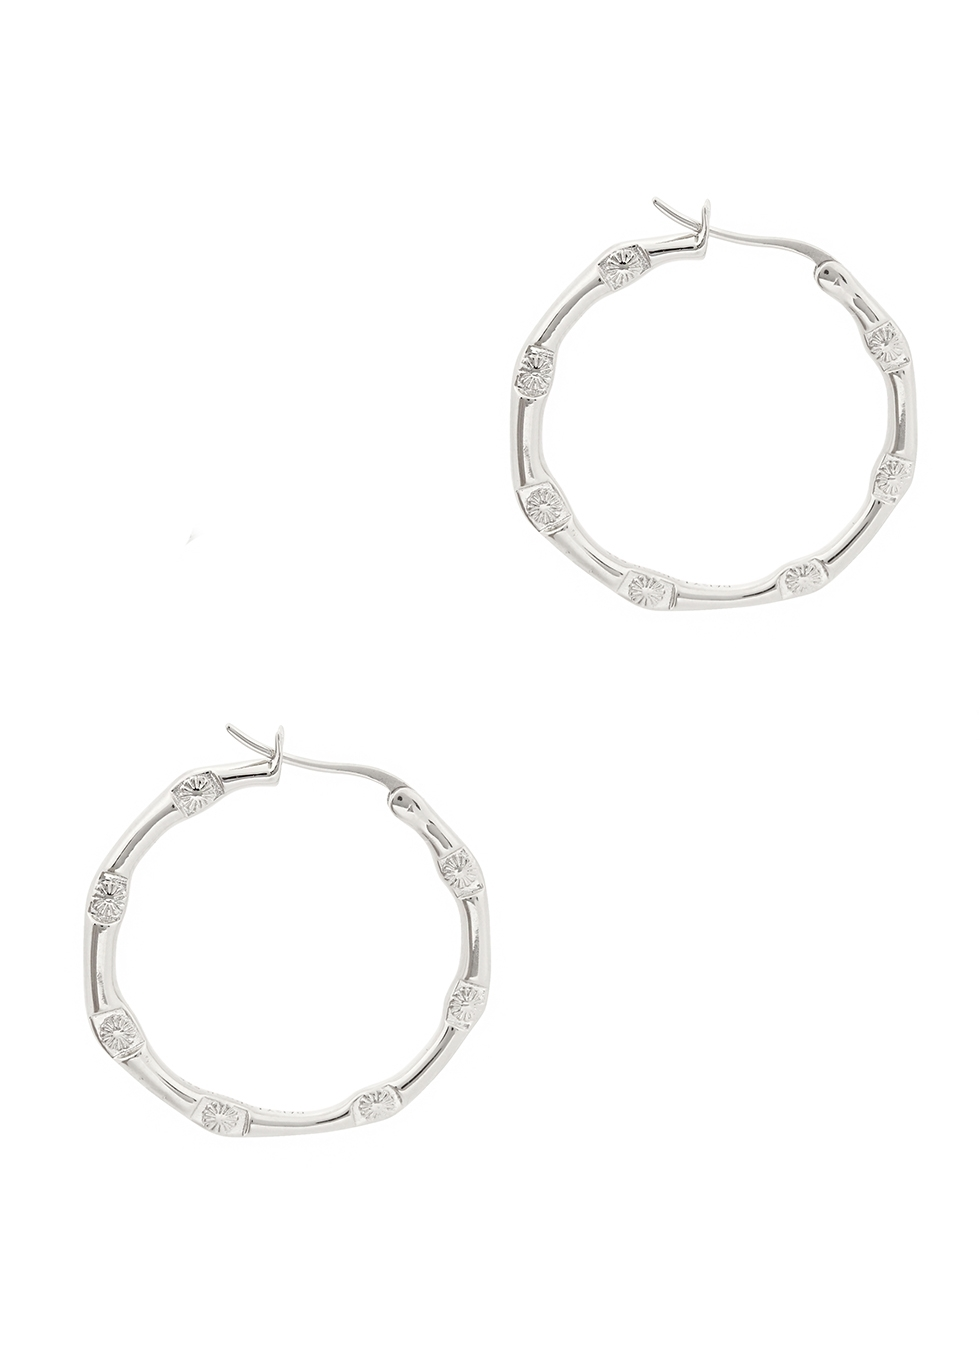 X Estée Lalonde Goddess Glow sterling silver hoop earrings